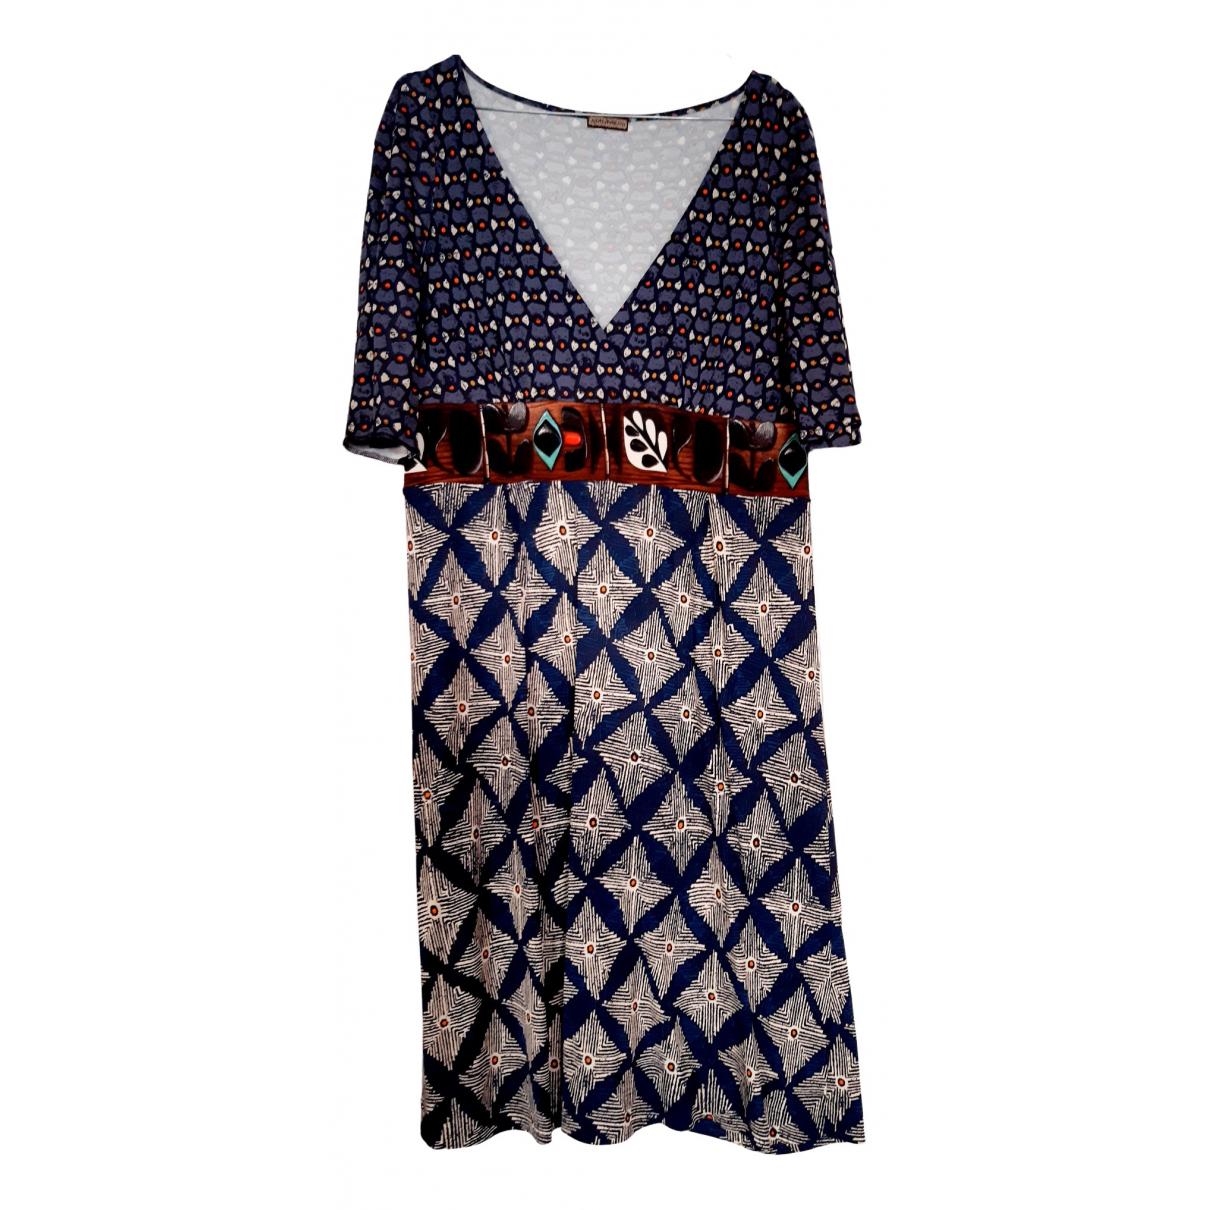 Maliparmi \N dress for Women 46 IT